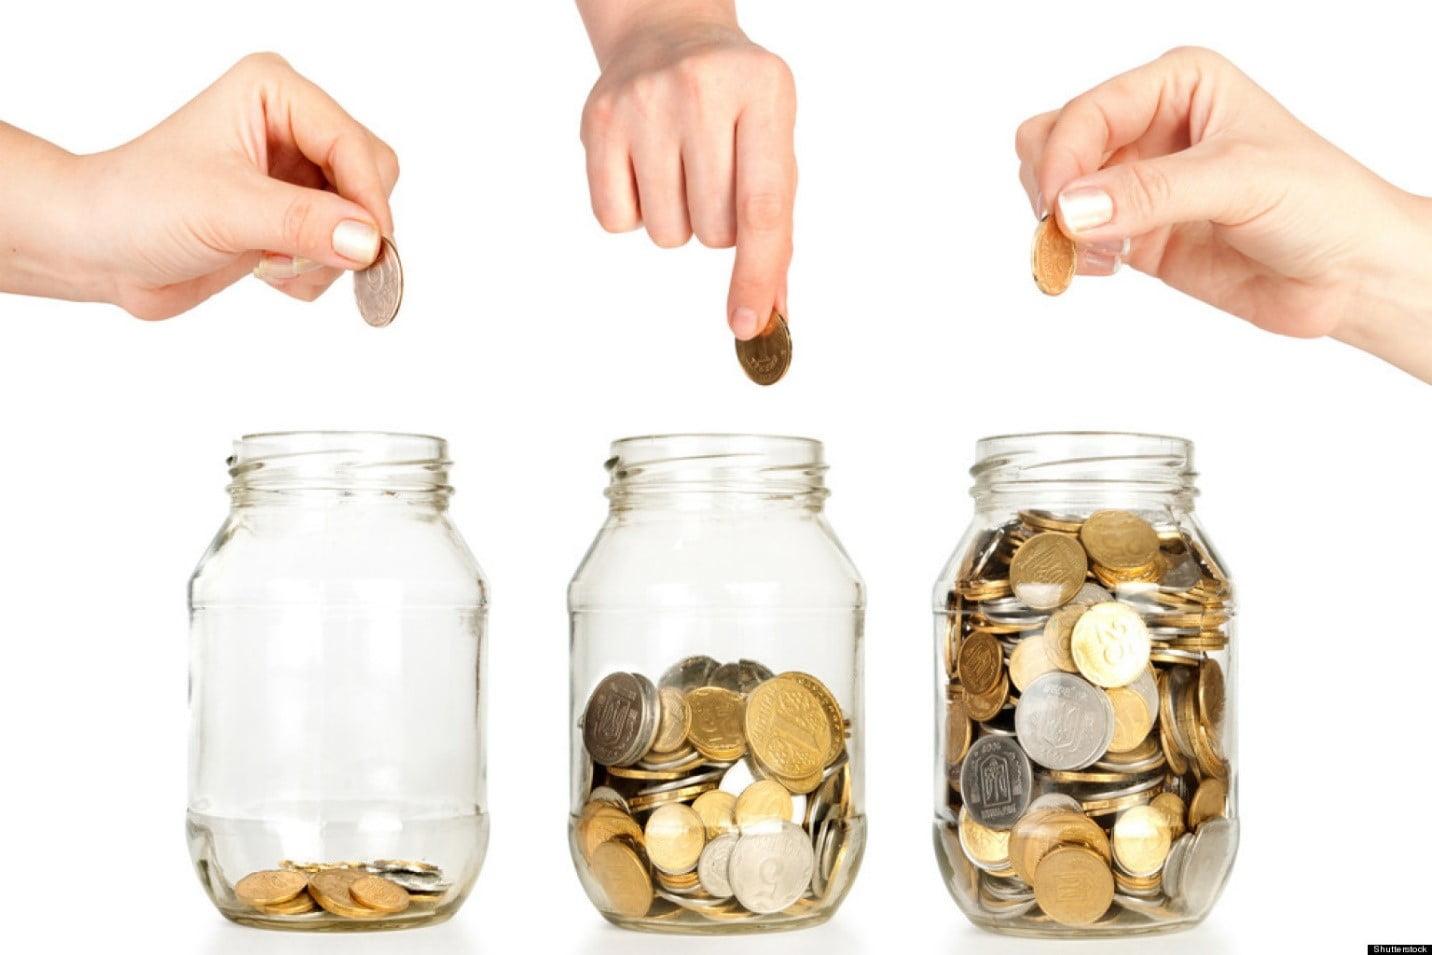 Nguyên tắc khi góp vốn kinh doanh là kiến thức cần thiết khi quyết định góp vốn kinh doanh